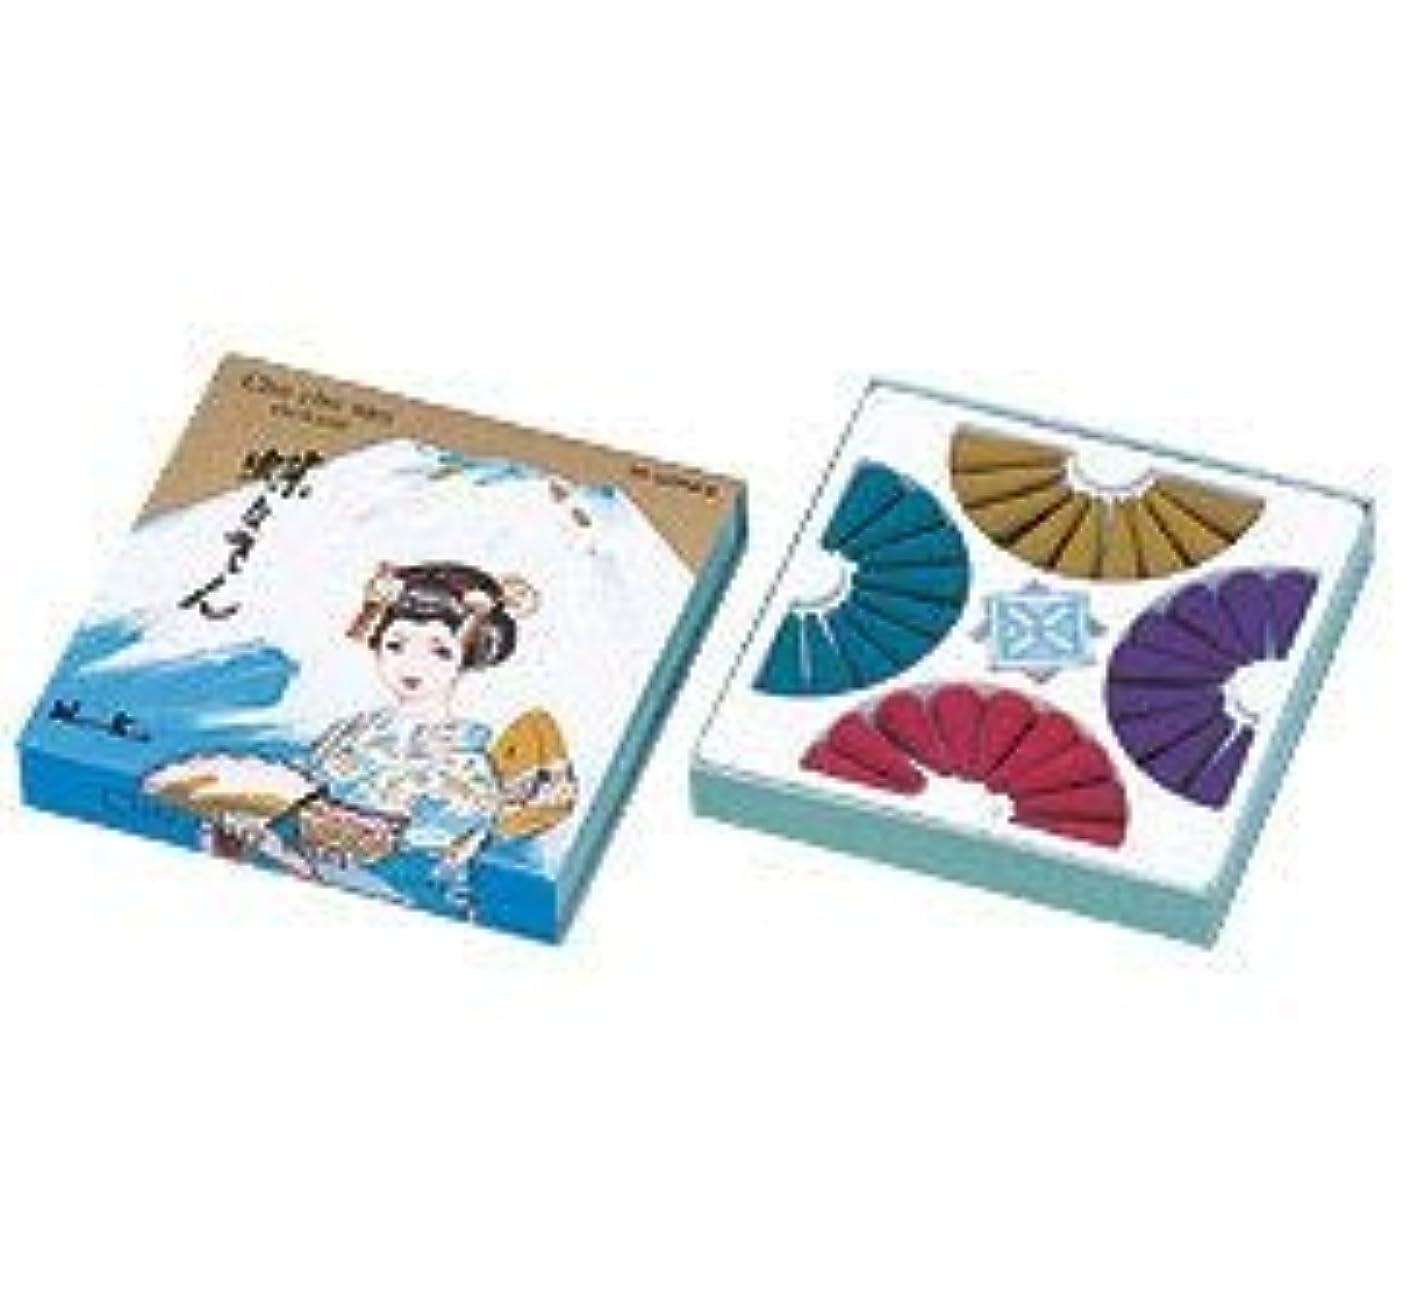 アニメーション機関サルベージ蝶々さん 36個 × 50個セット